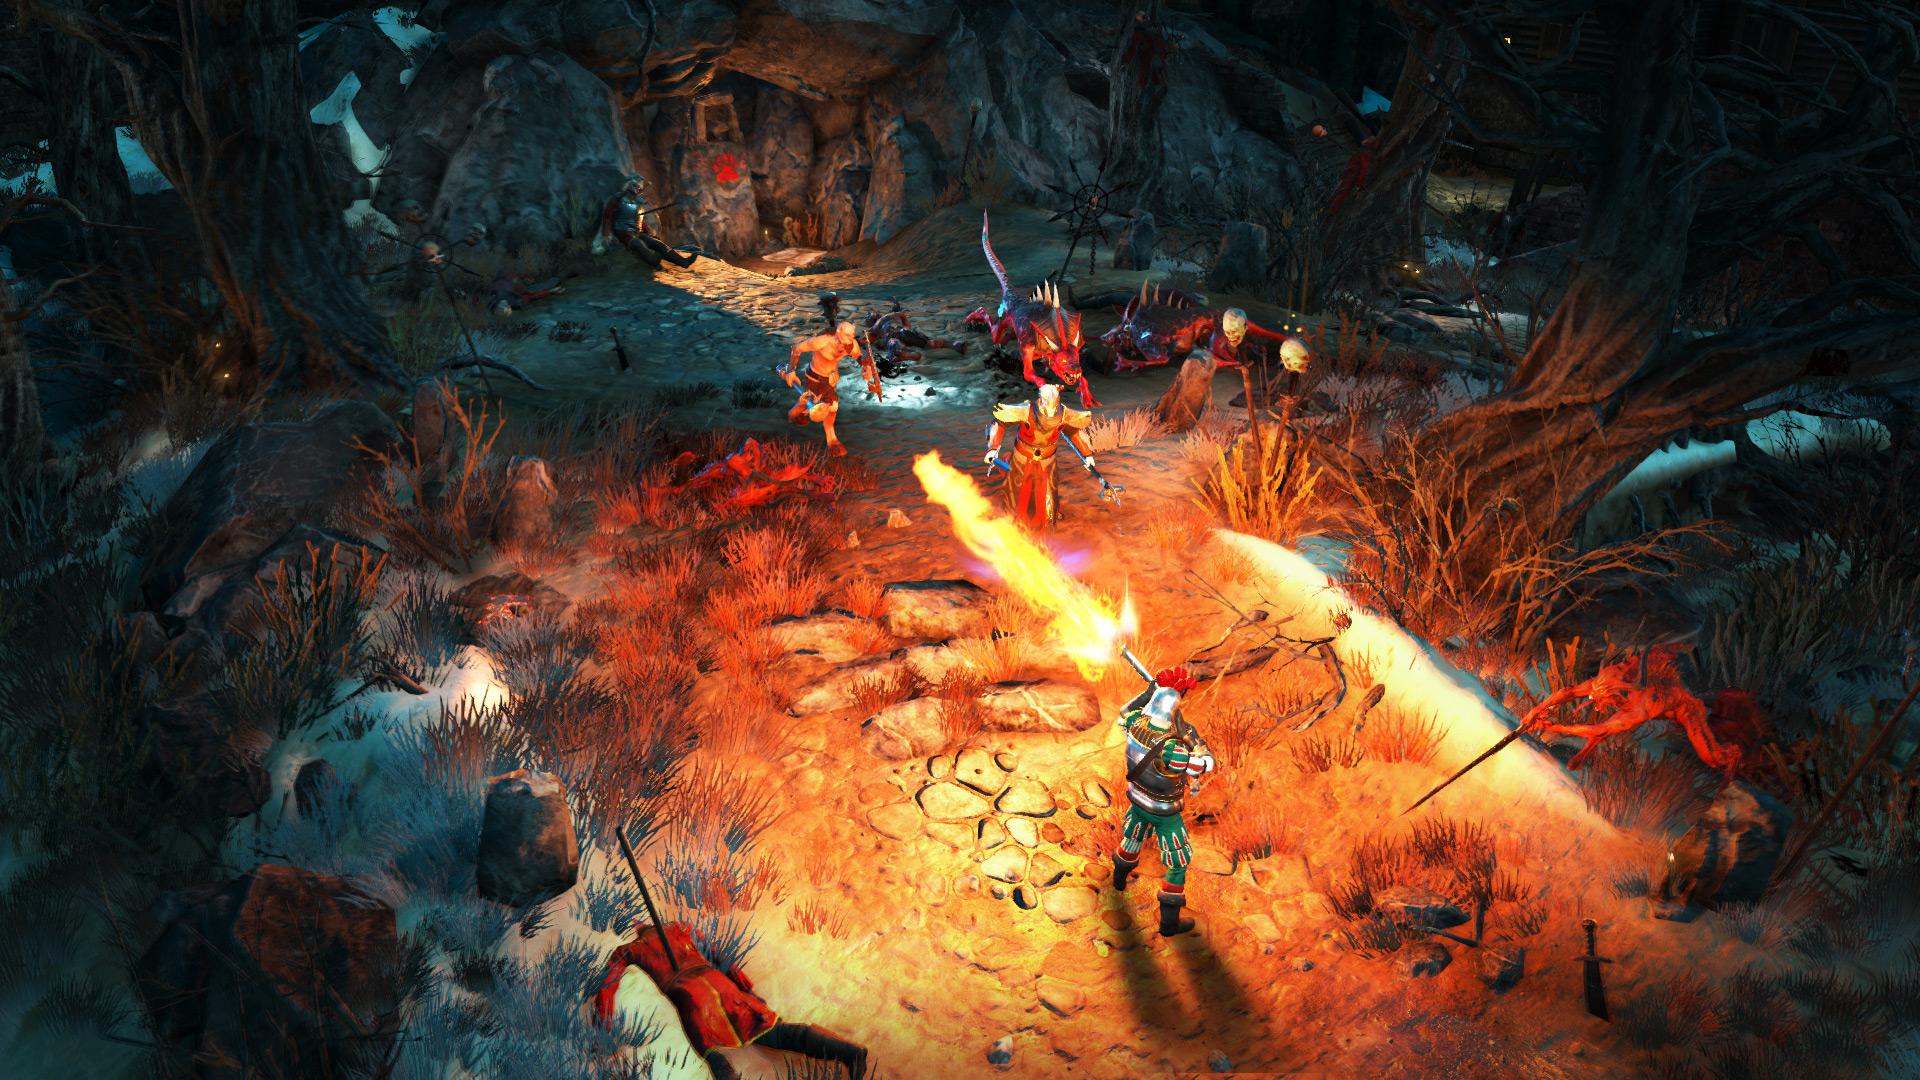 warhammer-chaosbane-slayer-edition-pc-screenshot-02